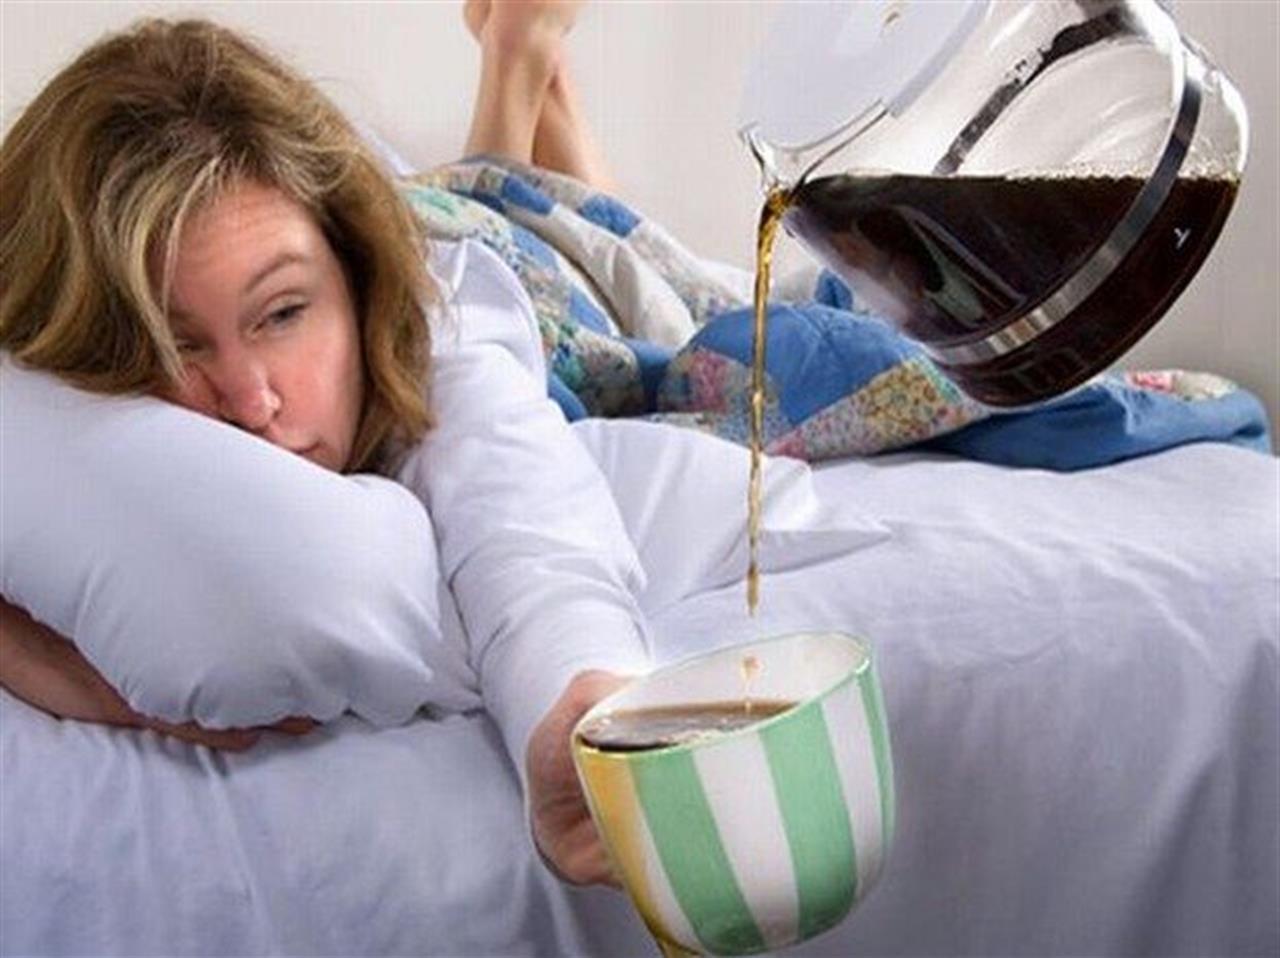 Sử dụng cà phê thường xuyên ảnh hưởng đến tinh thần, giấc ngủ